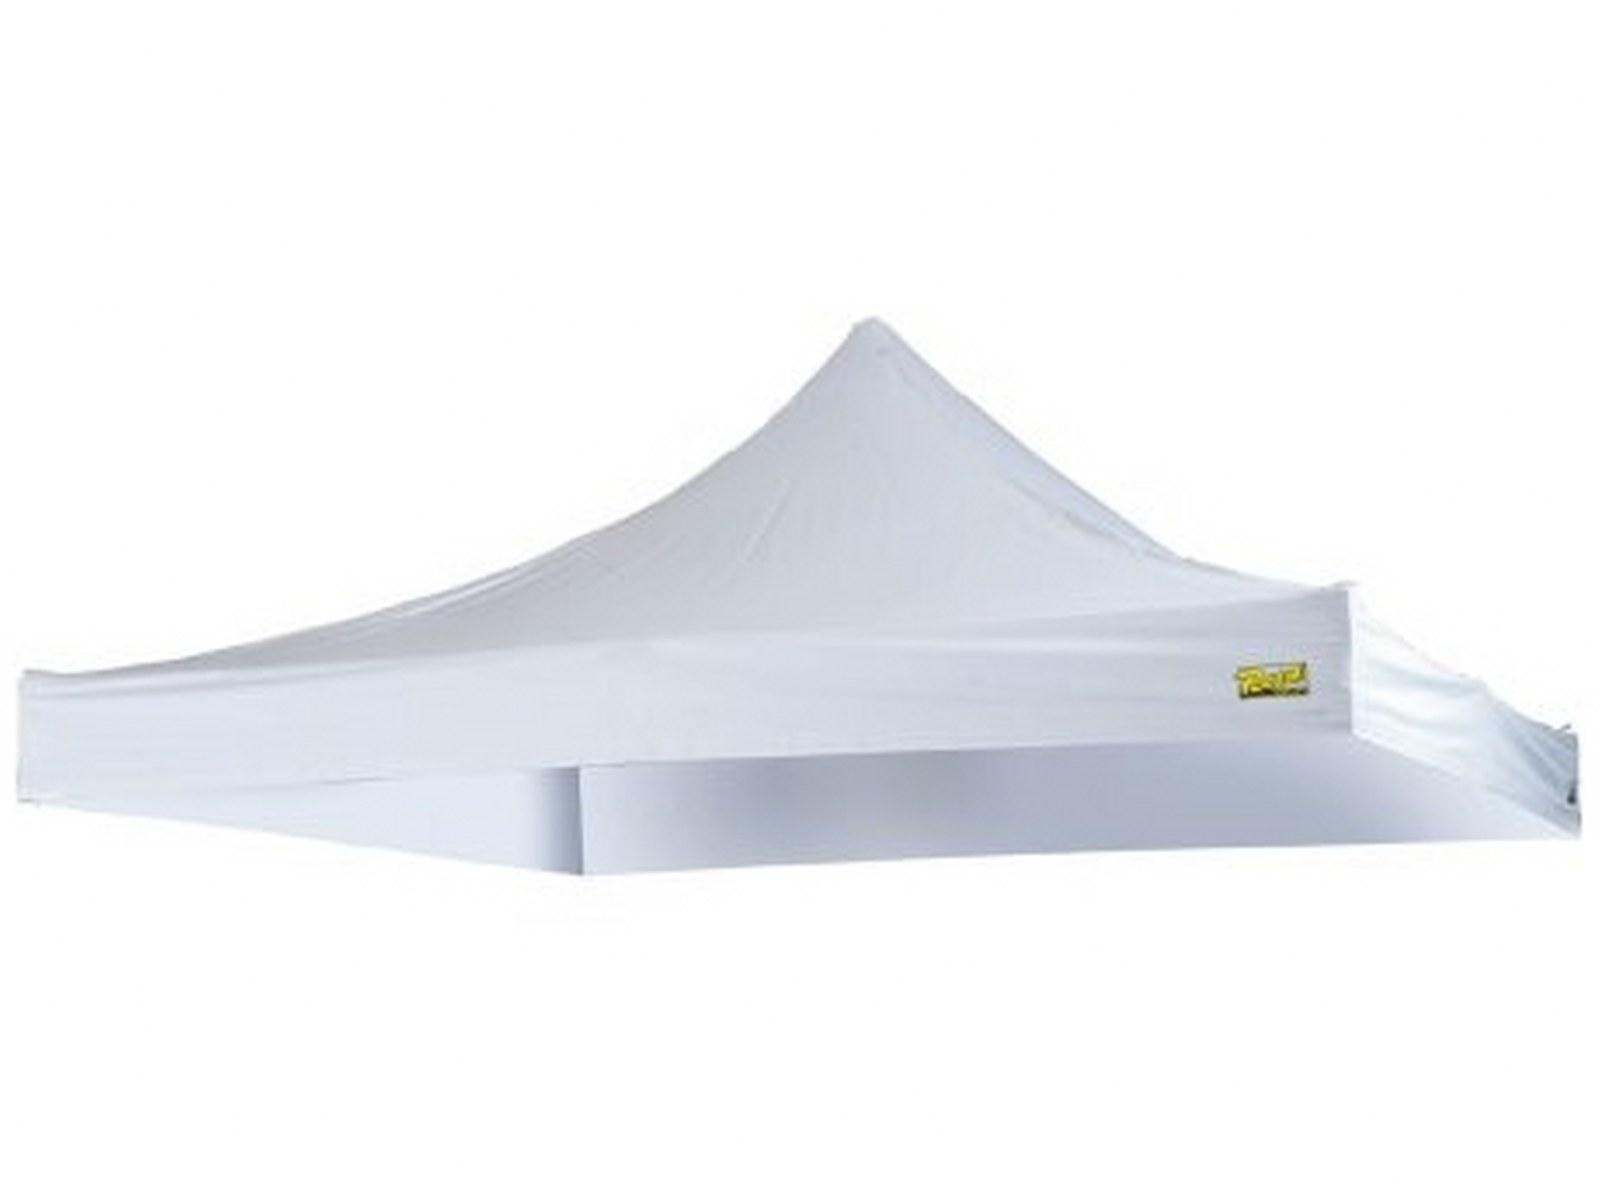 Solo tetto per gazebo gommato e impermeabile giardino piramide